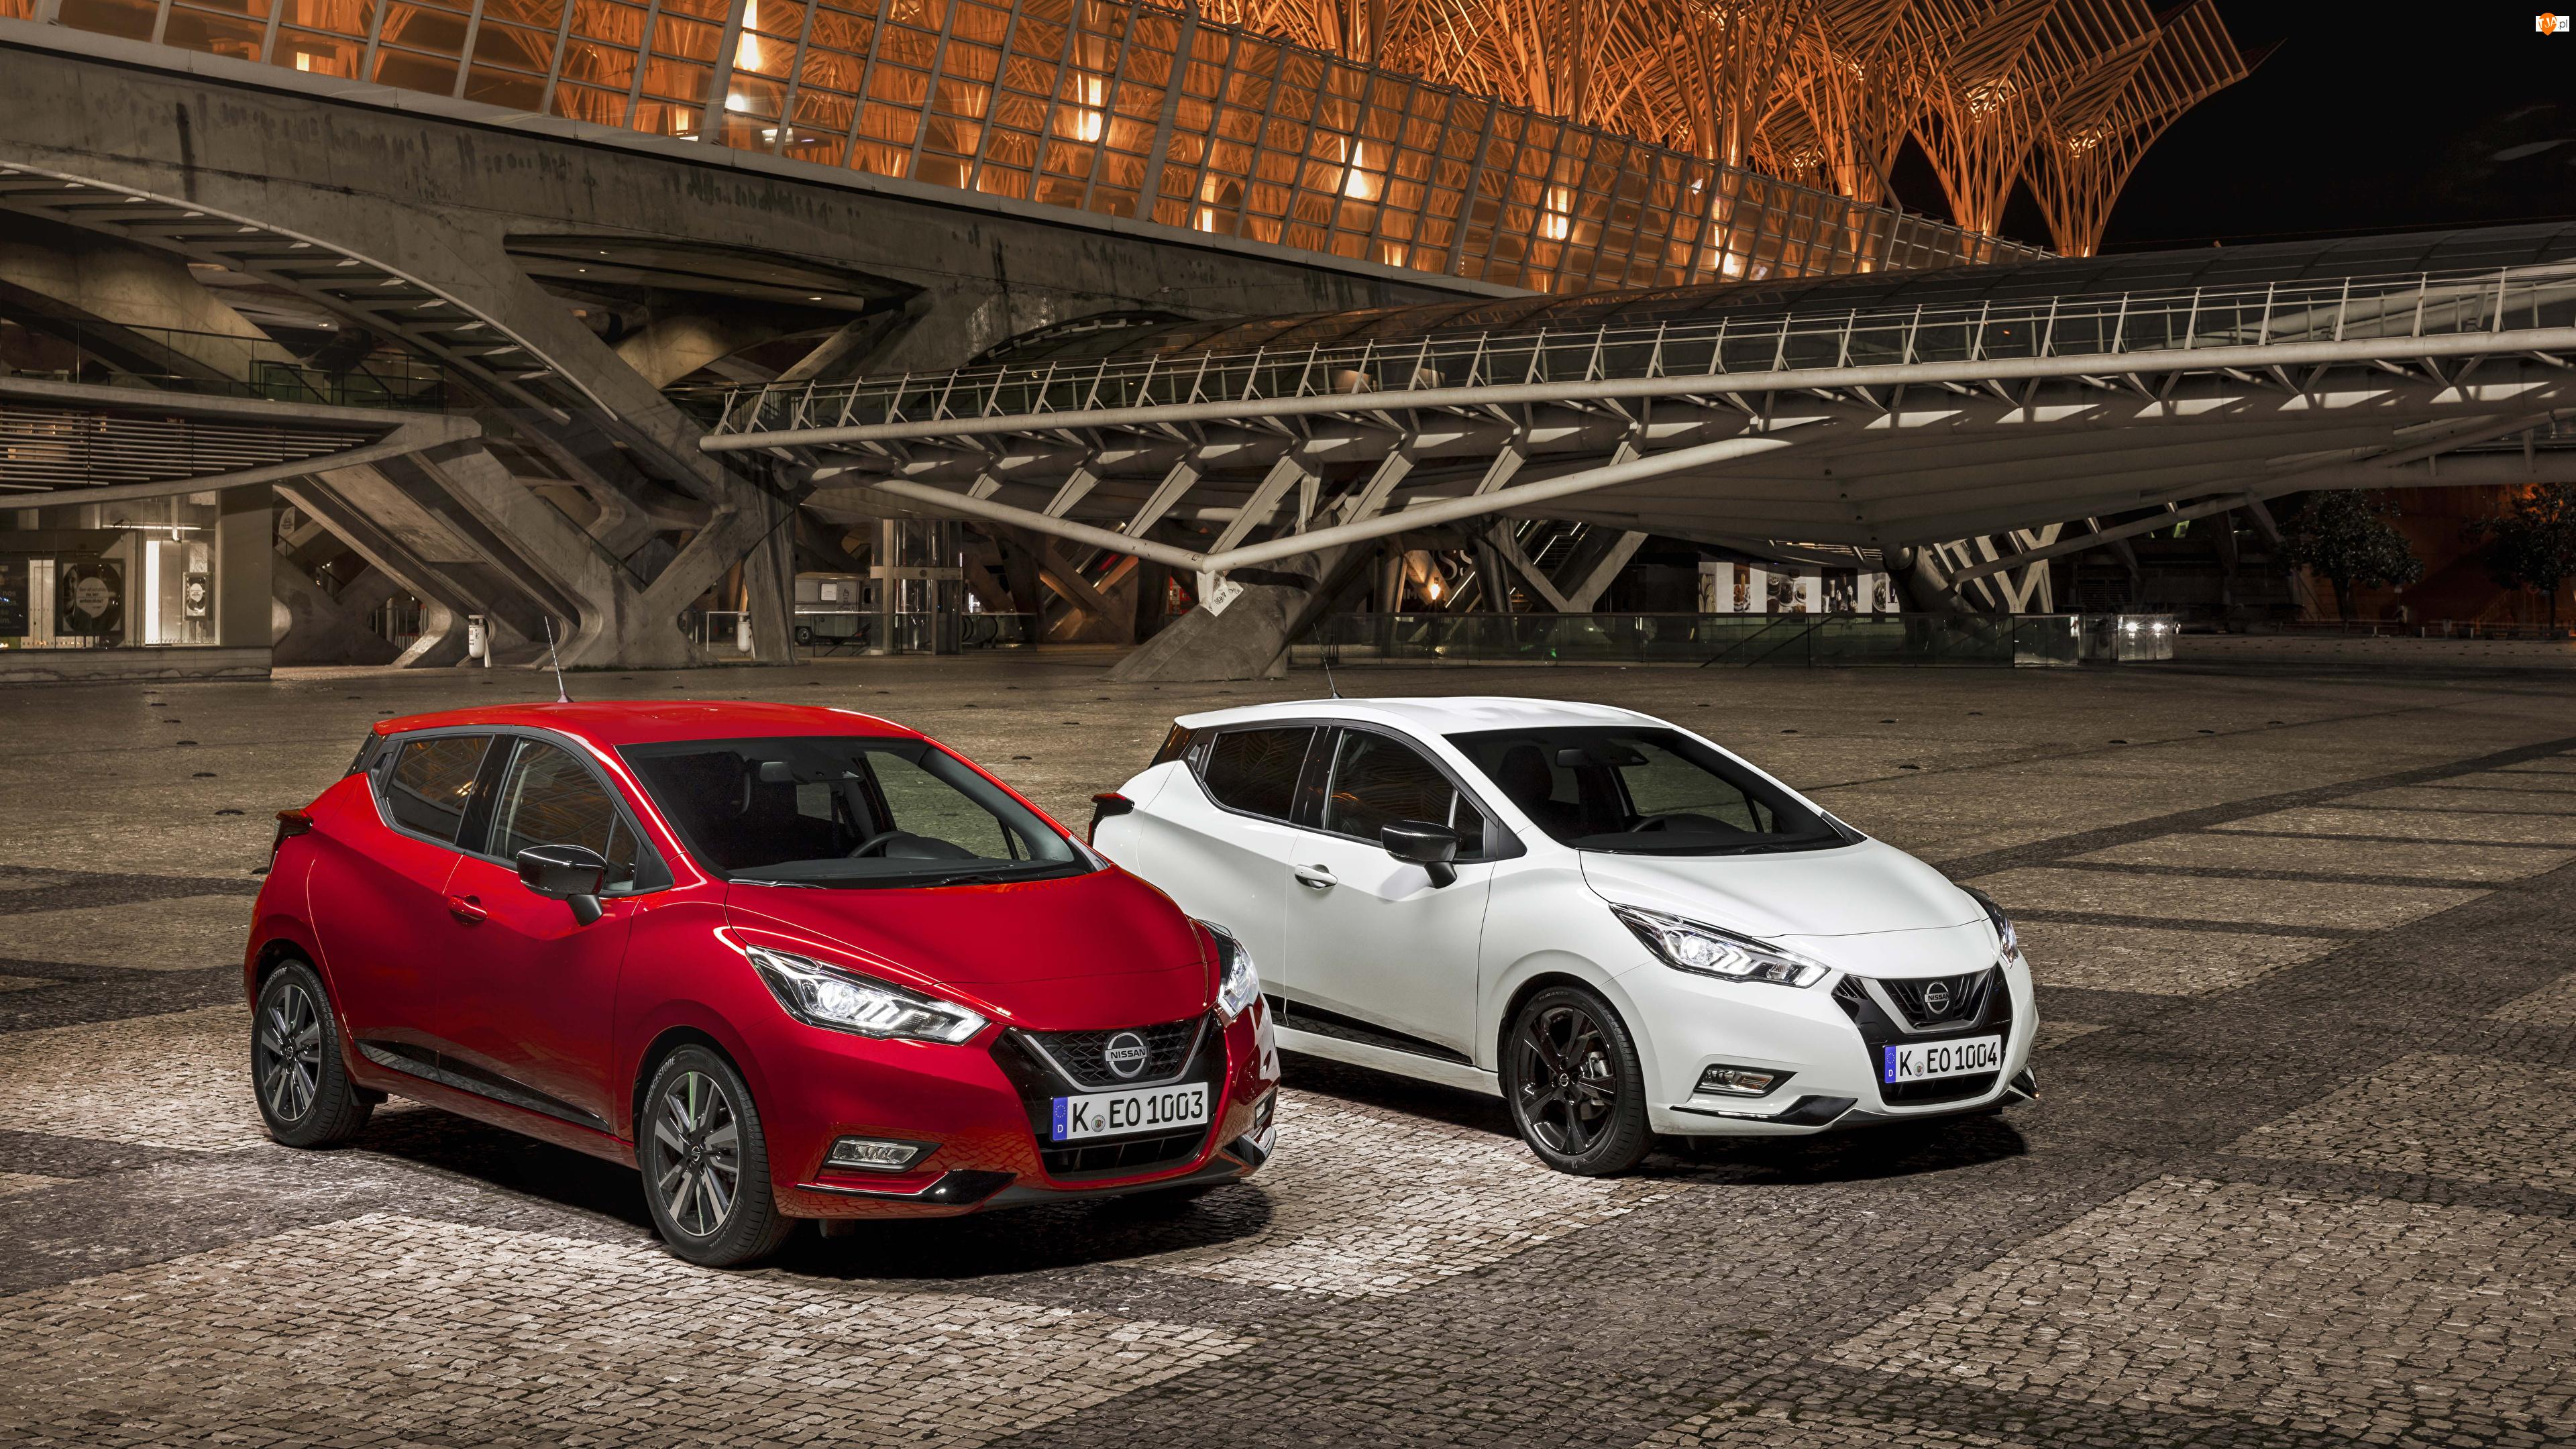 Dwa samochody marki Nissan Micra z roku 2019